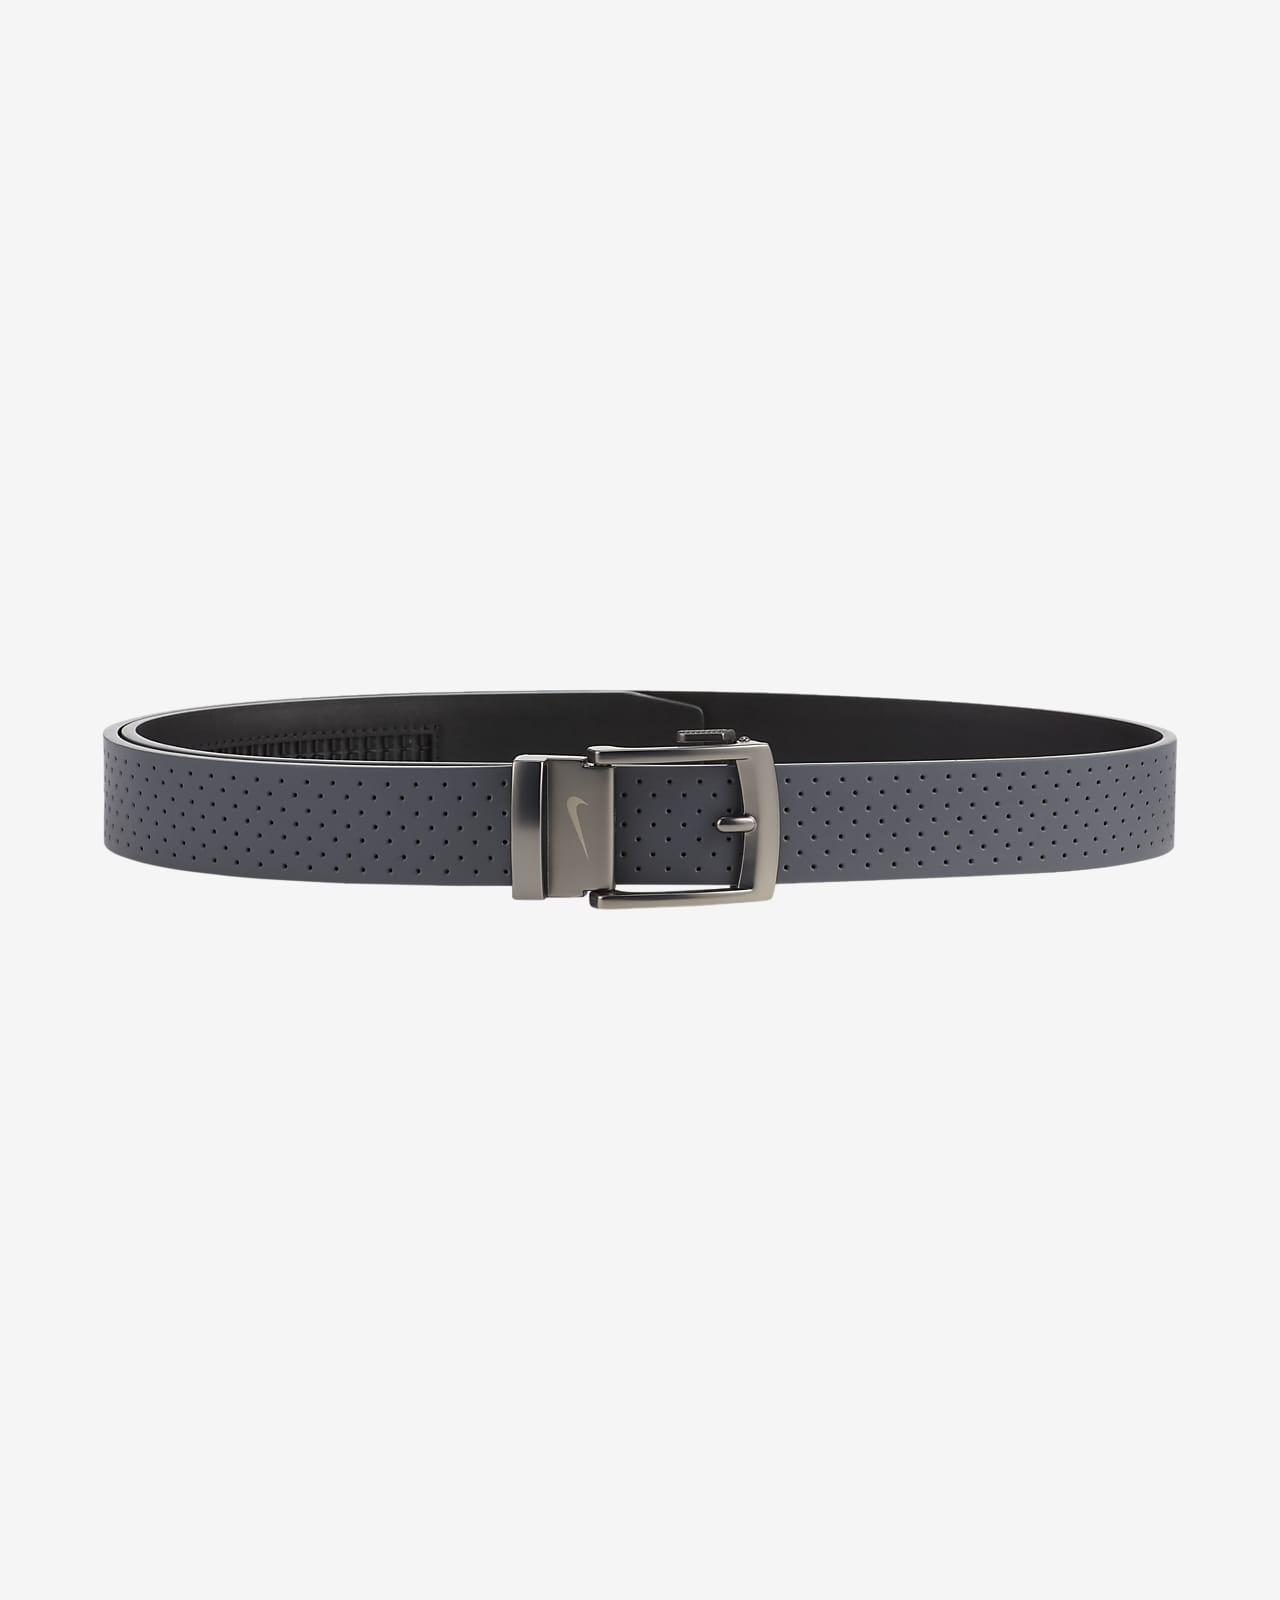 Cinturón de golf con hebilla trinquete para hombre Nike